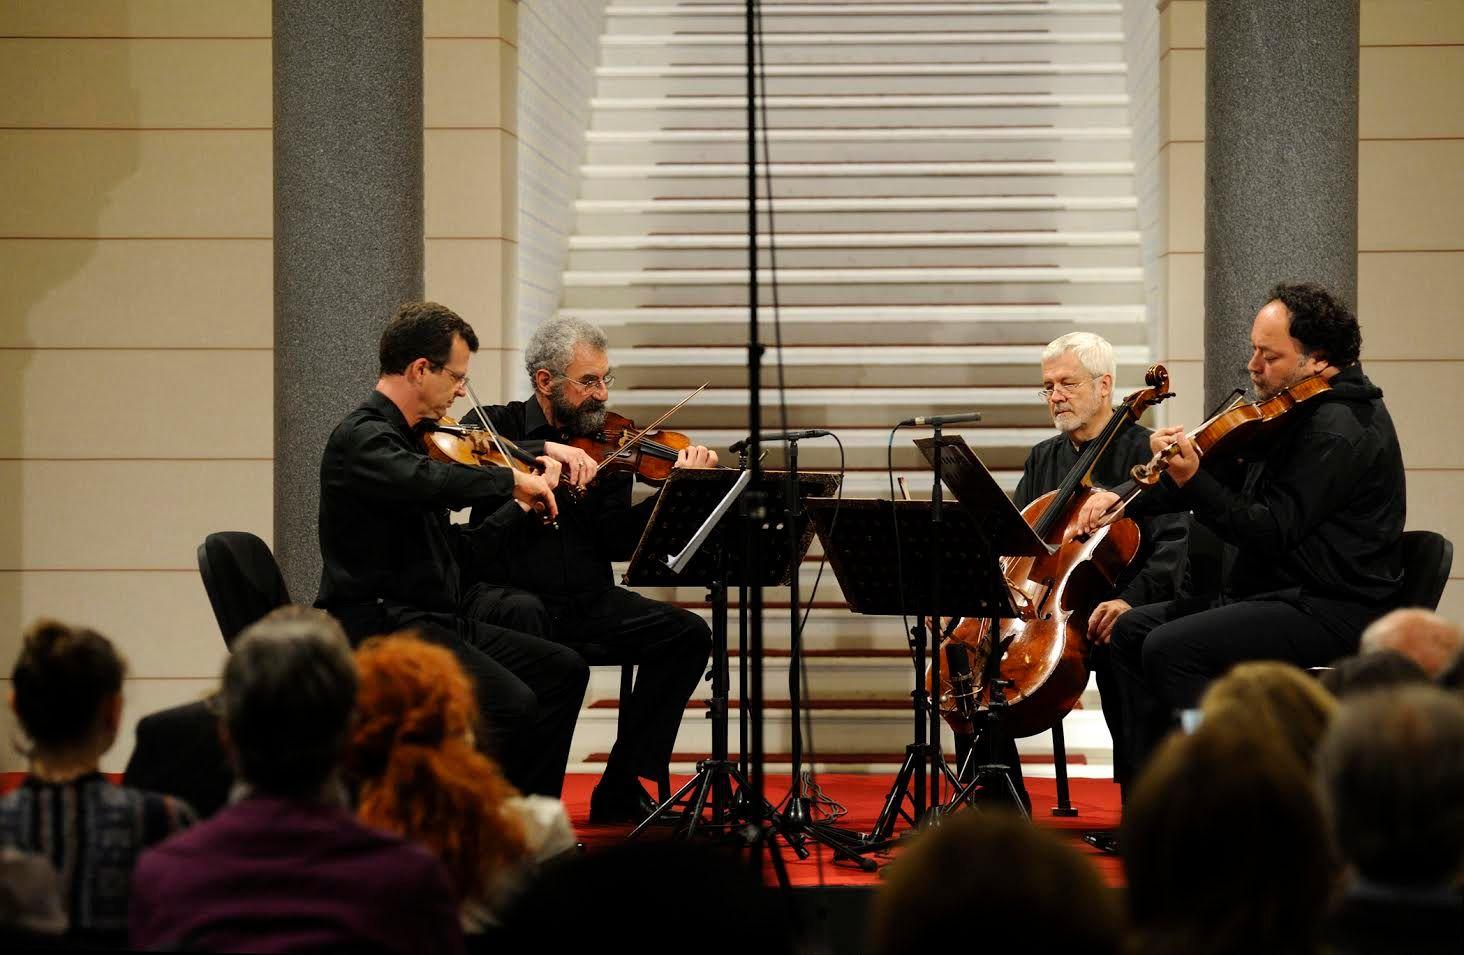 Gudački kvartet Tartini u Vijećnici (Sarajevo, 12. maj 2016)